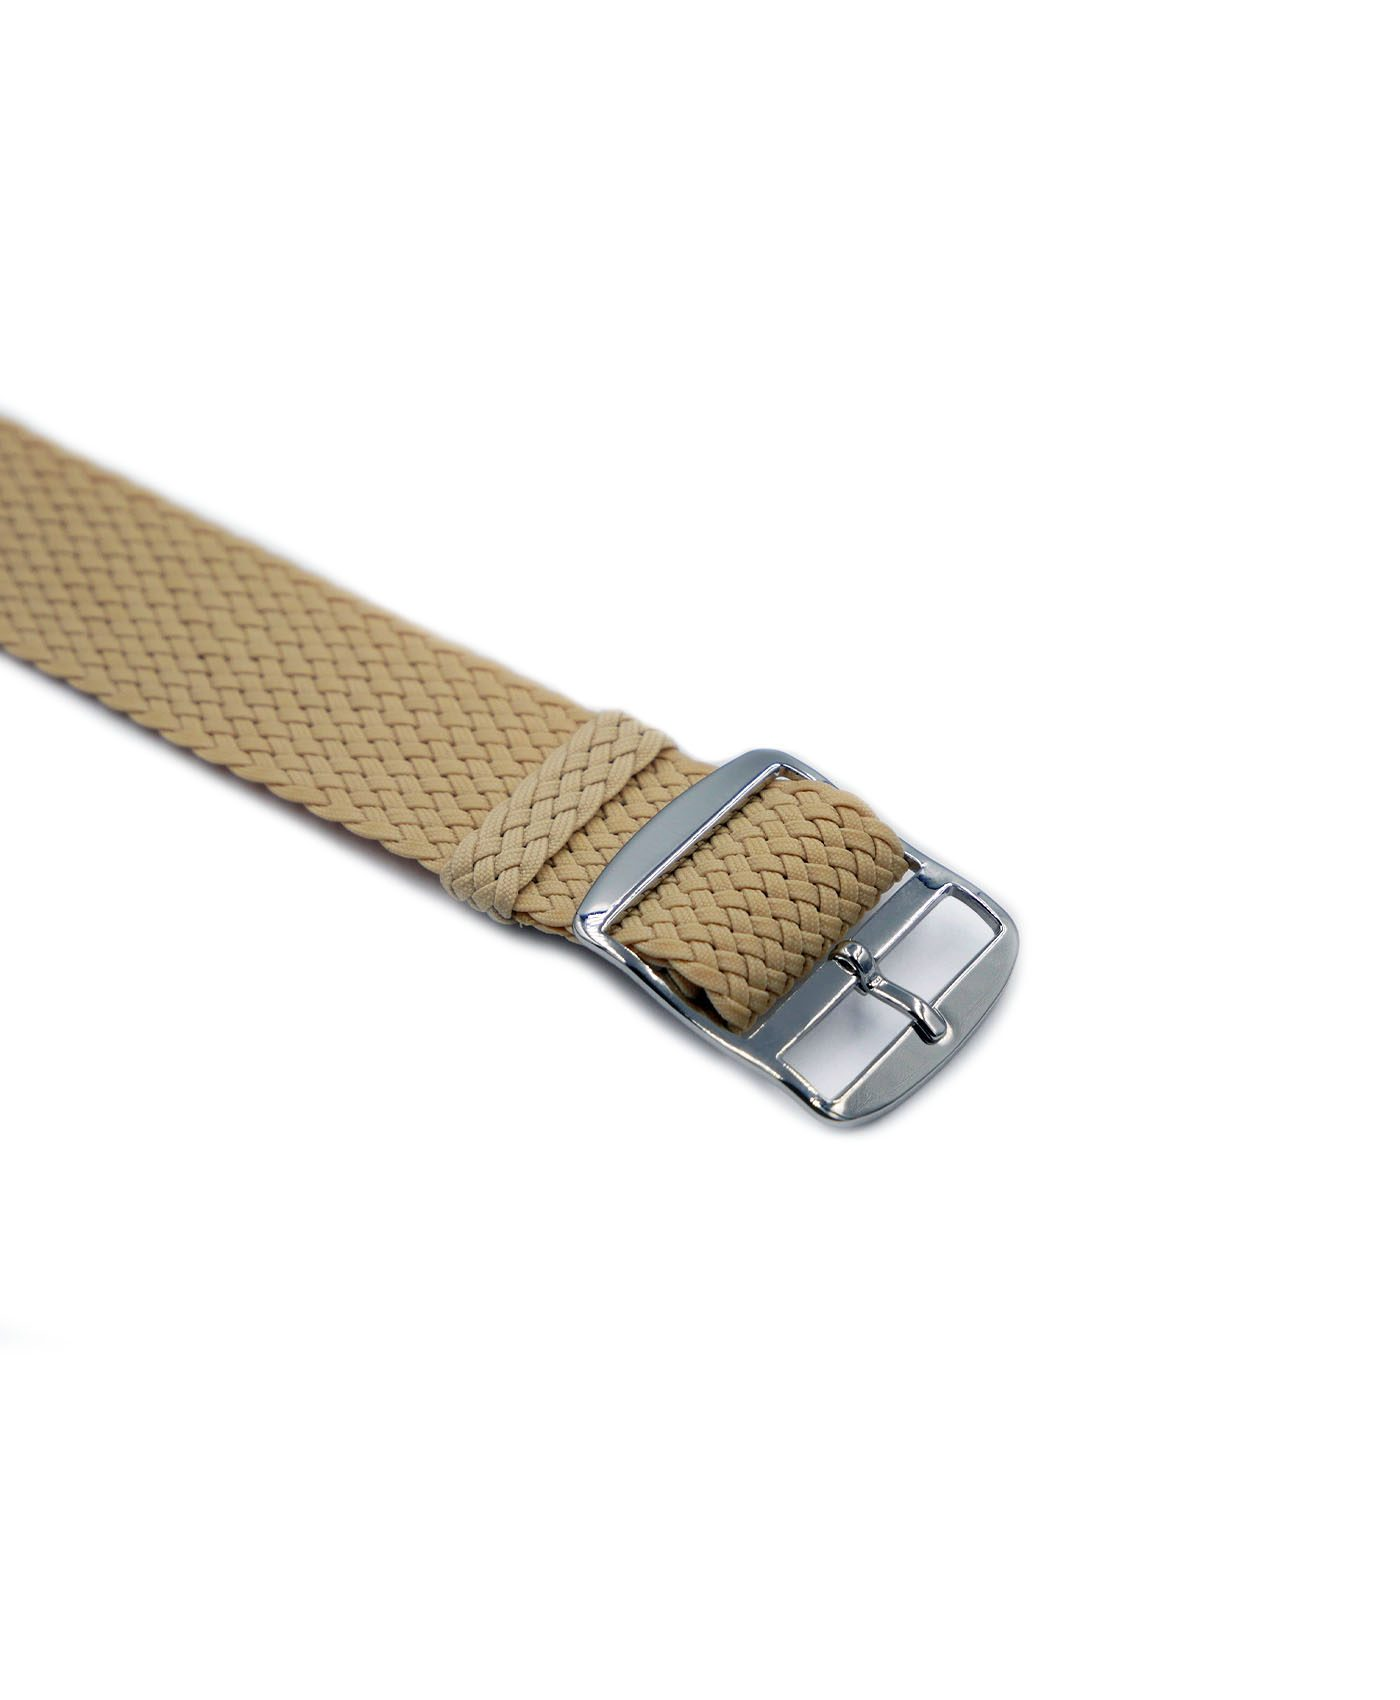 Watchbandit Premium Perlon Watch strap beige buckle